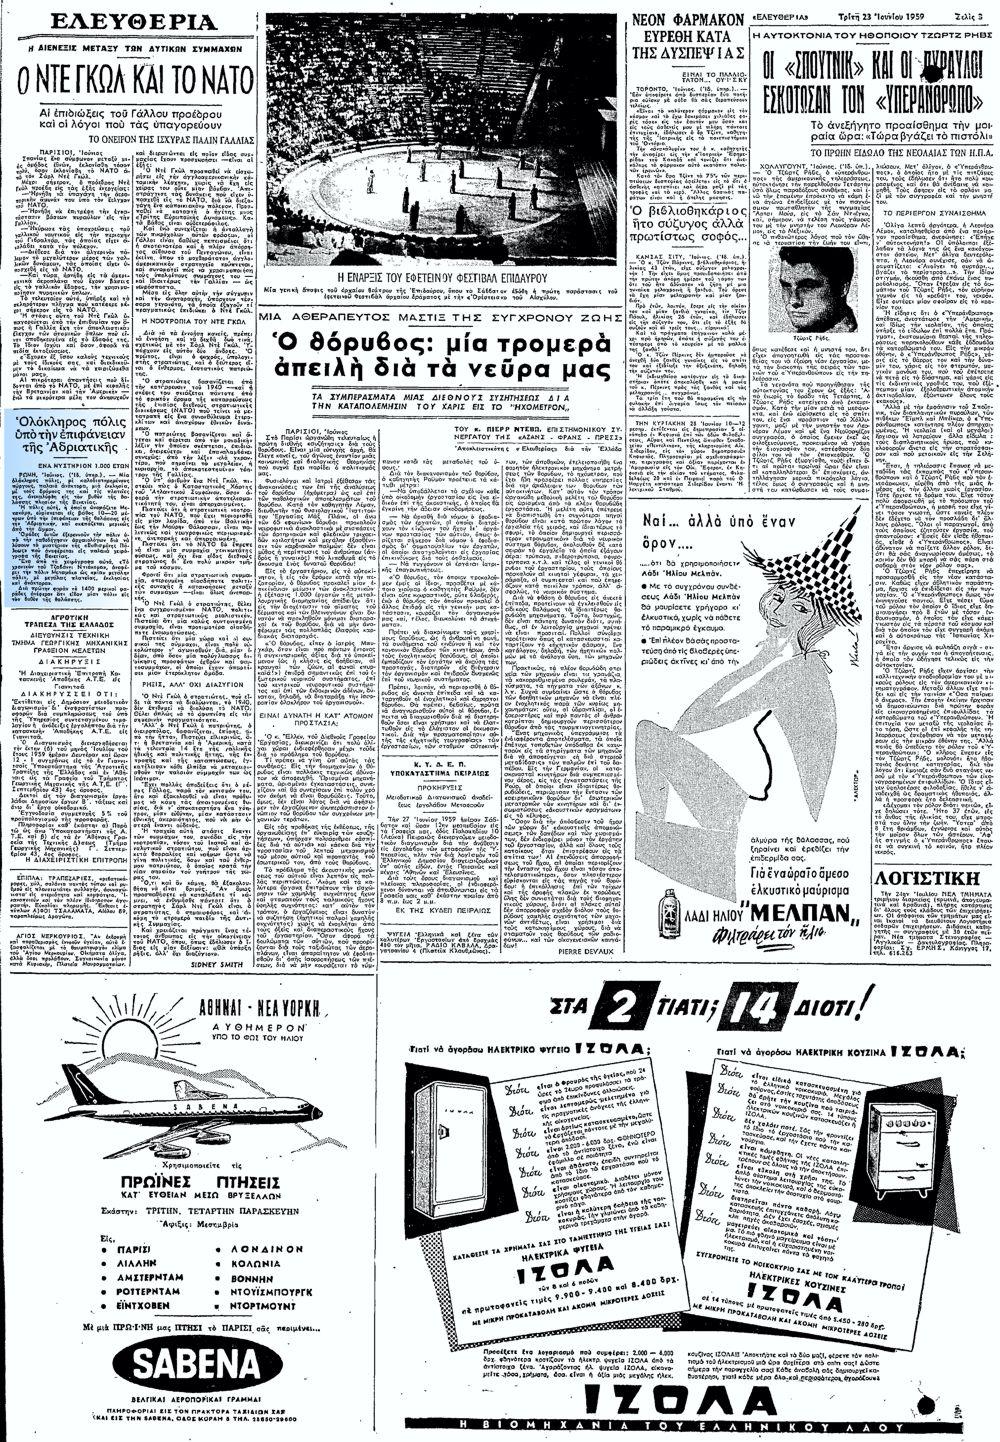 """Το άρθρο, όπως δημοσιεύθηκε στην εφημερίδα """"ΕΛΕΥΘΕΡΙΑ"""", στις 23/06/1959"""